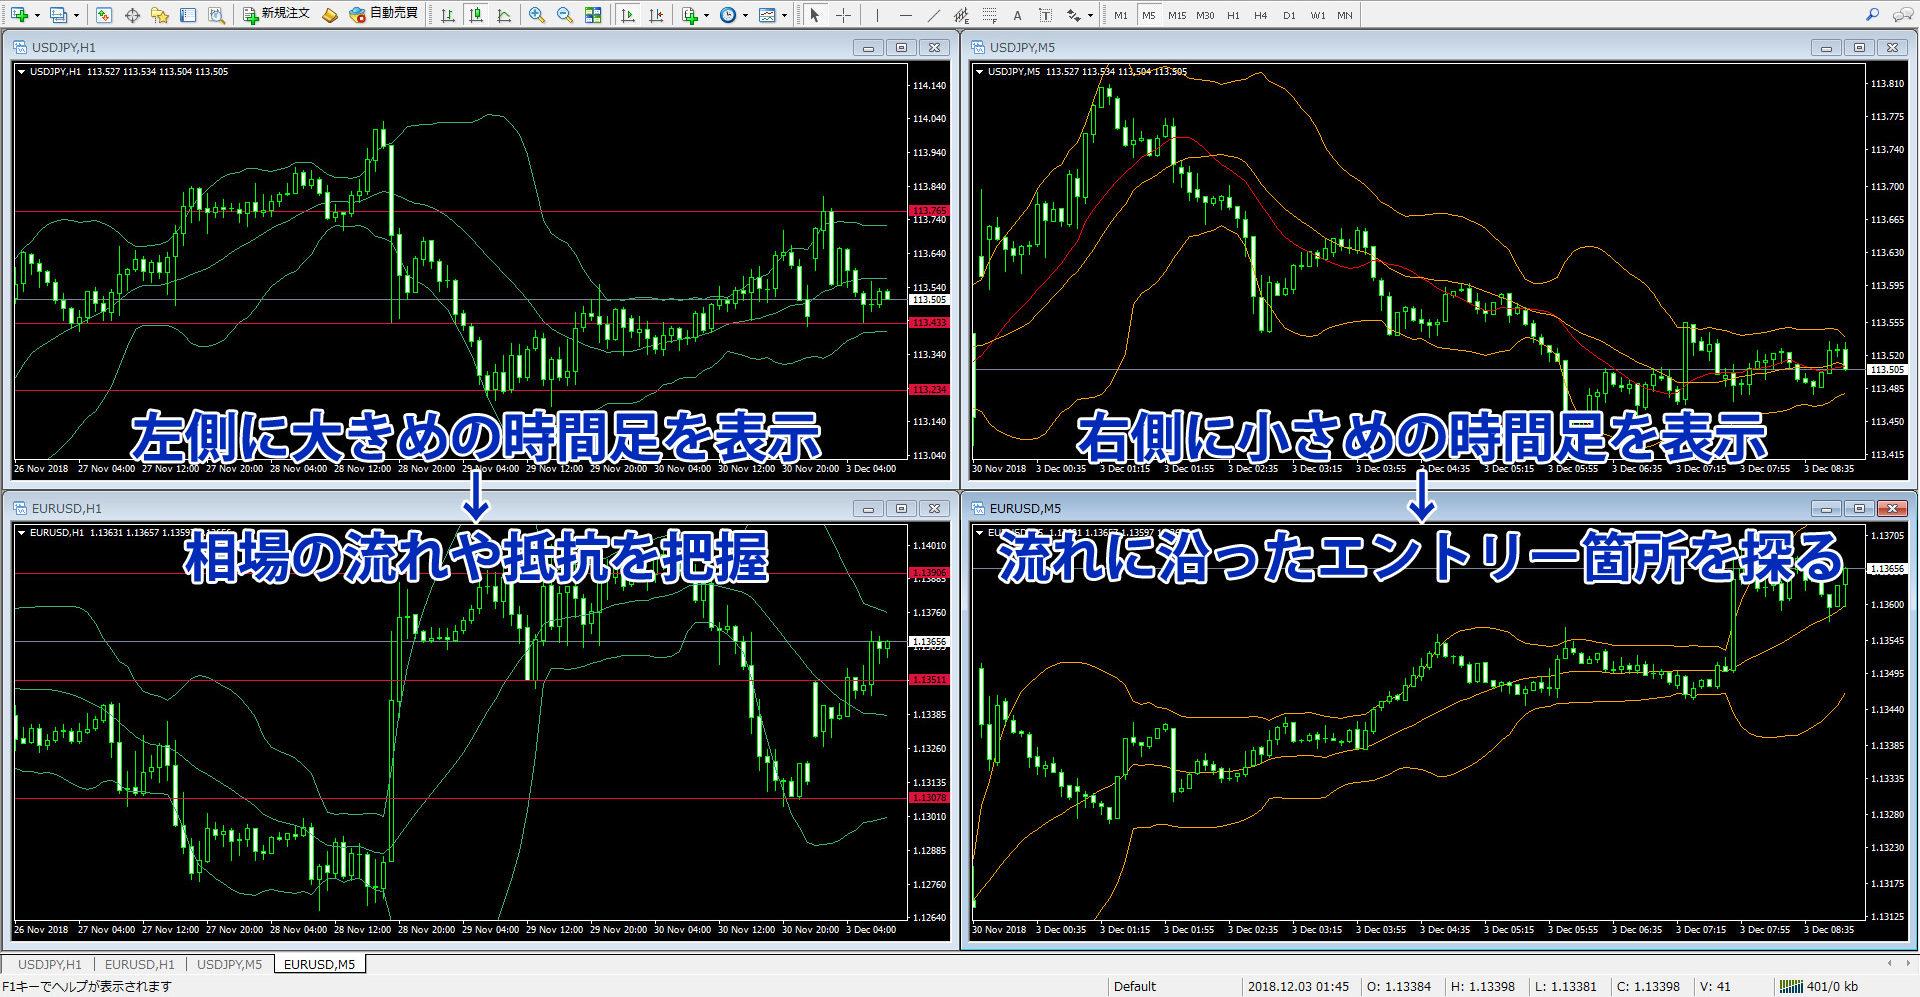 ドル円とユーロドルのチャート分析方法の一例